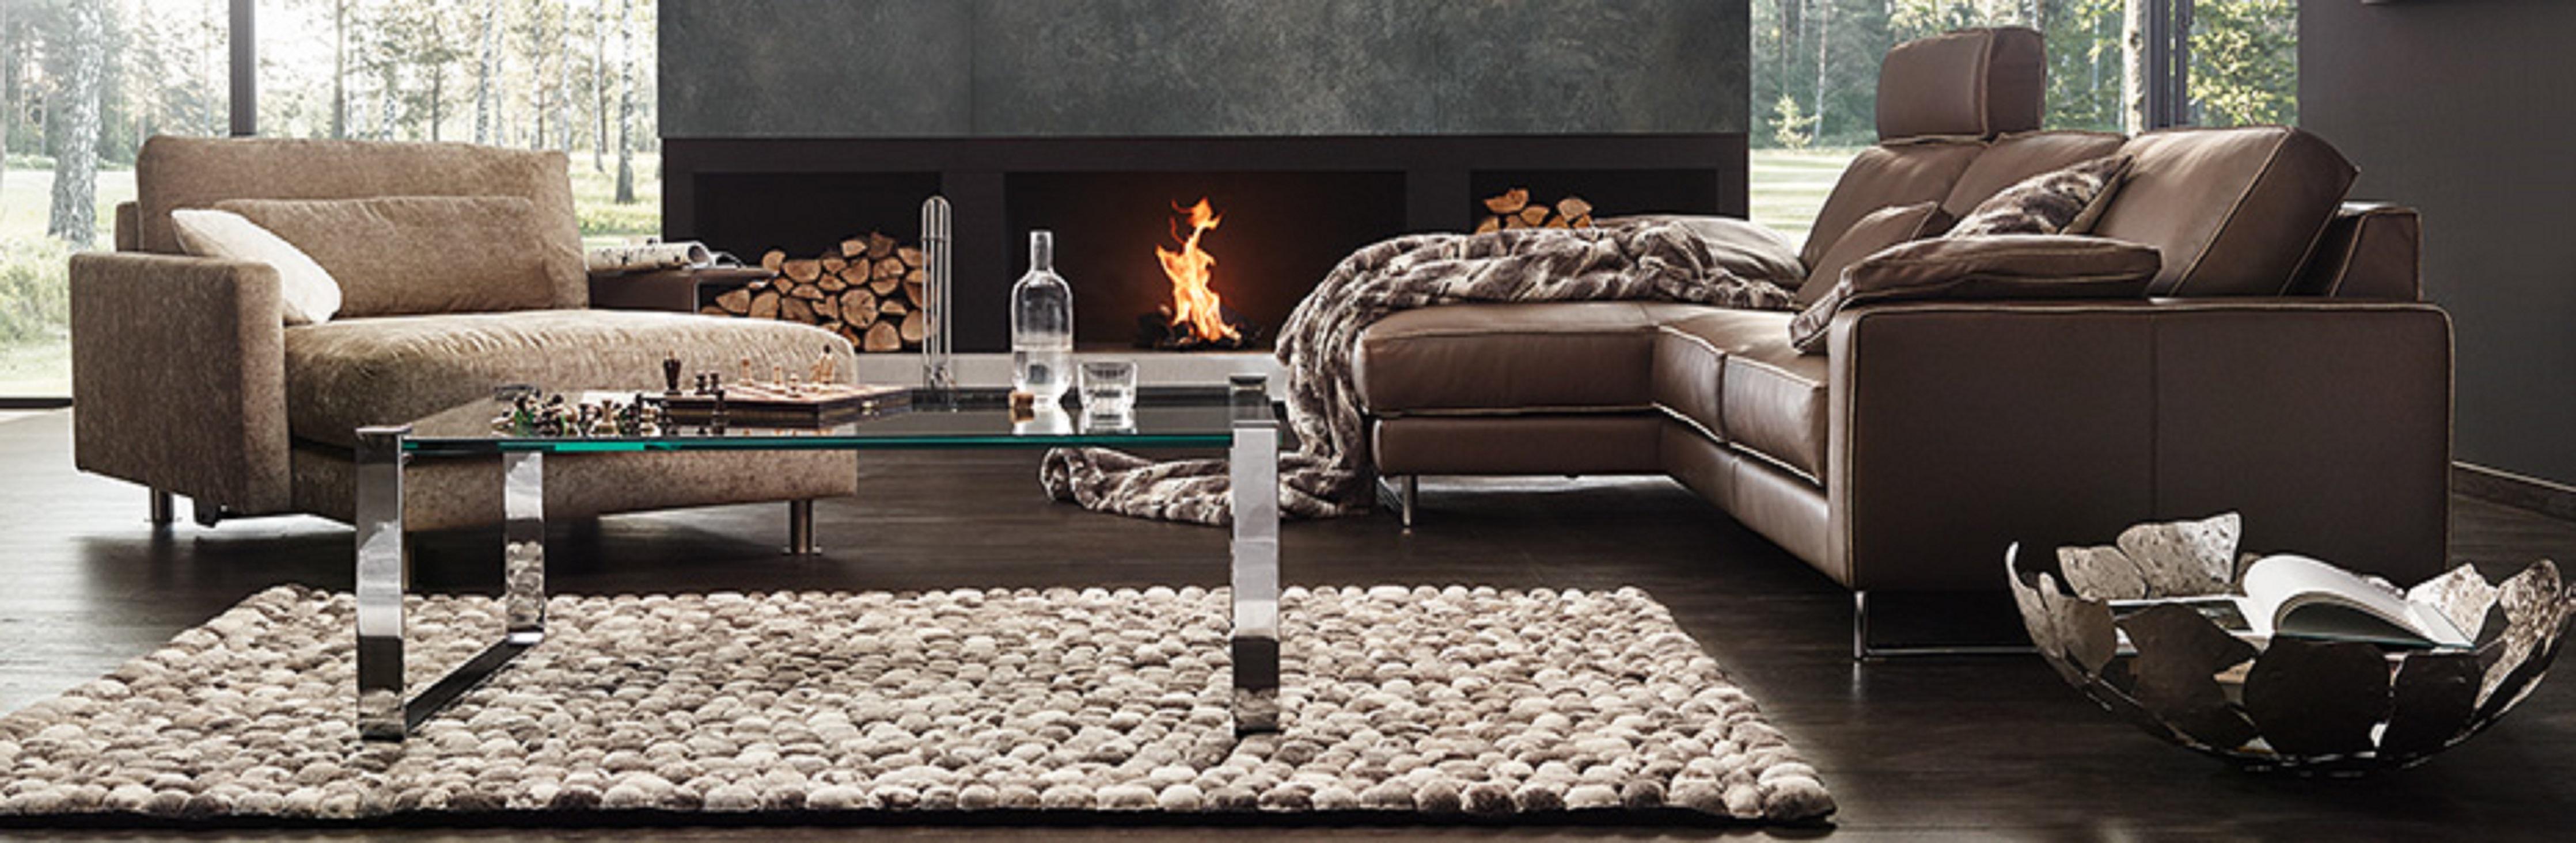 jeromin einrichtungen gmbh in 66424 homburg. Black Bedroom Furniture Sets. Home Design Ideas